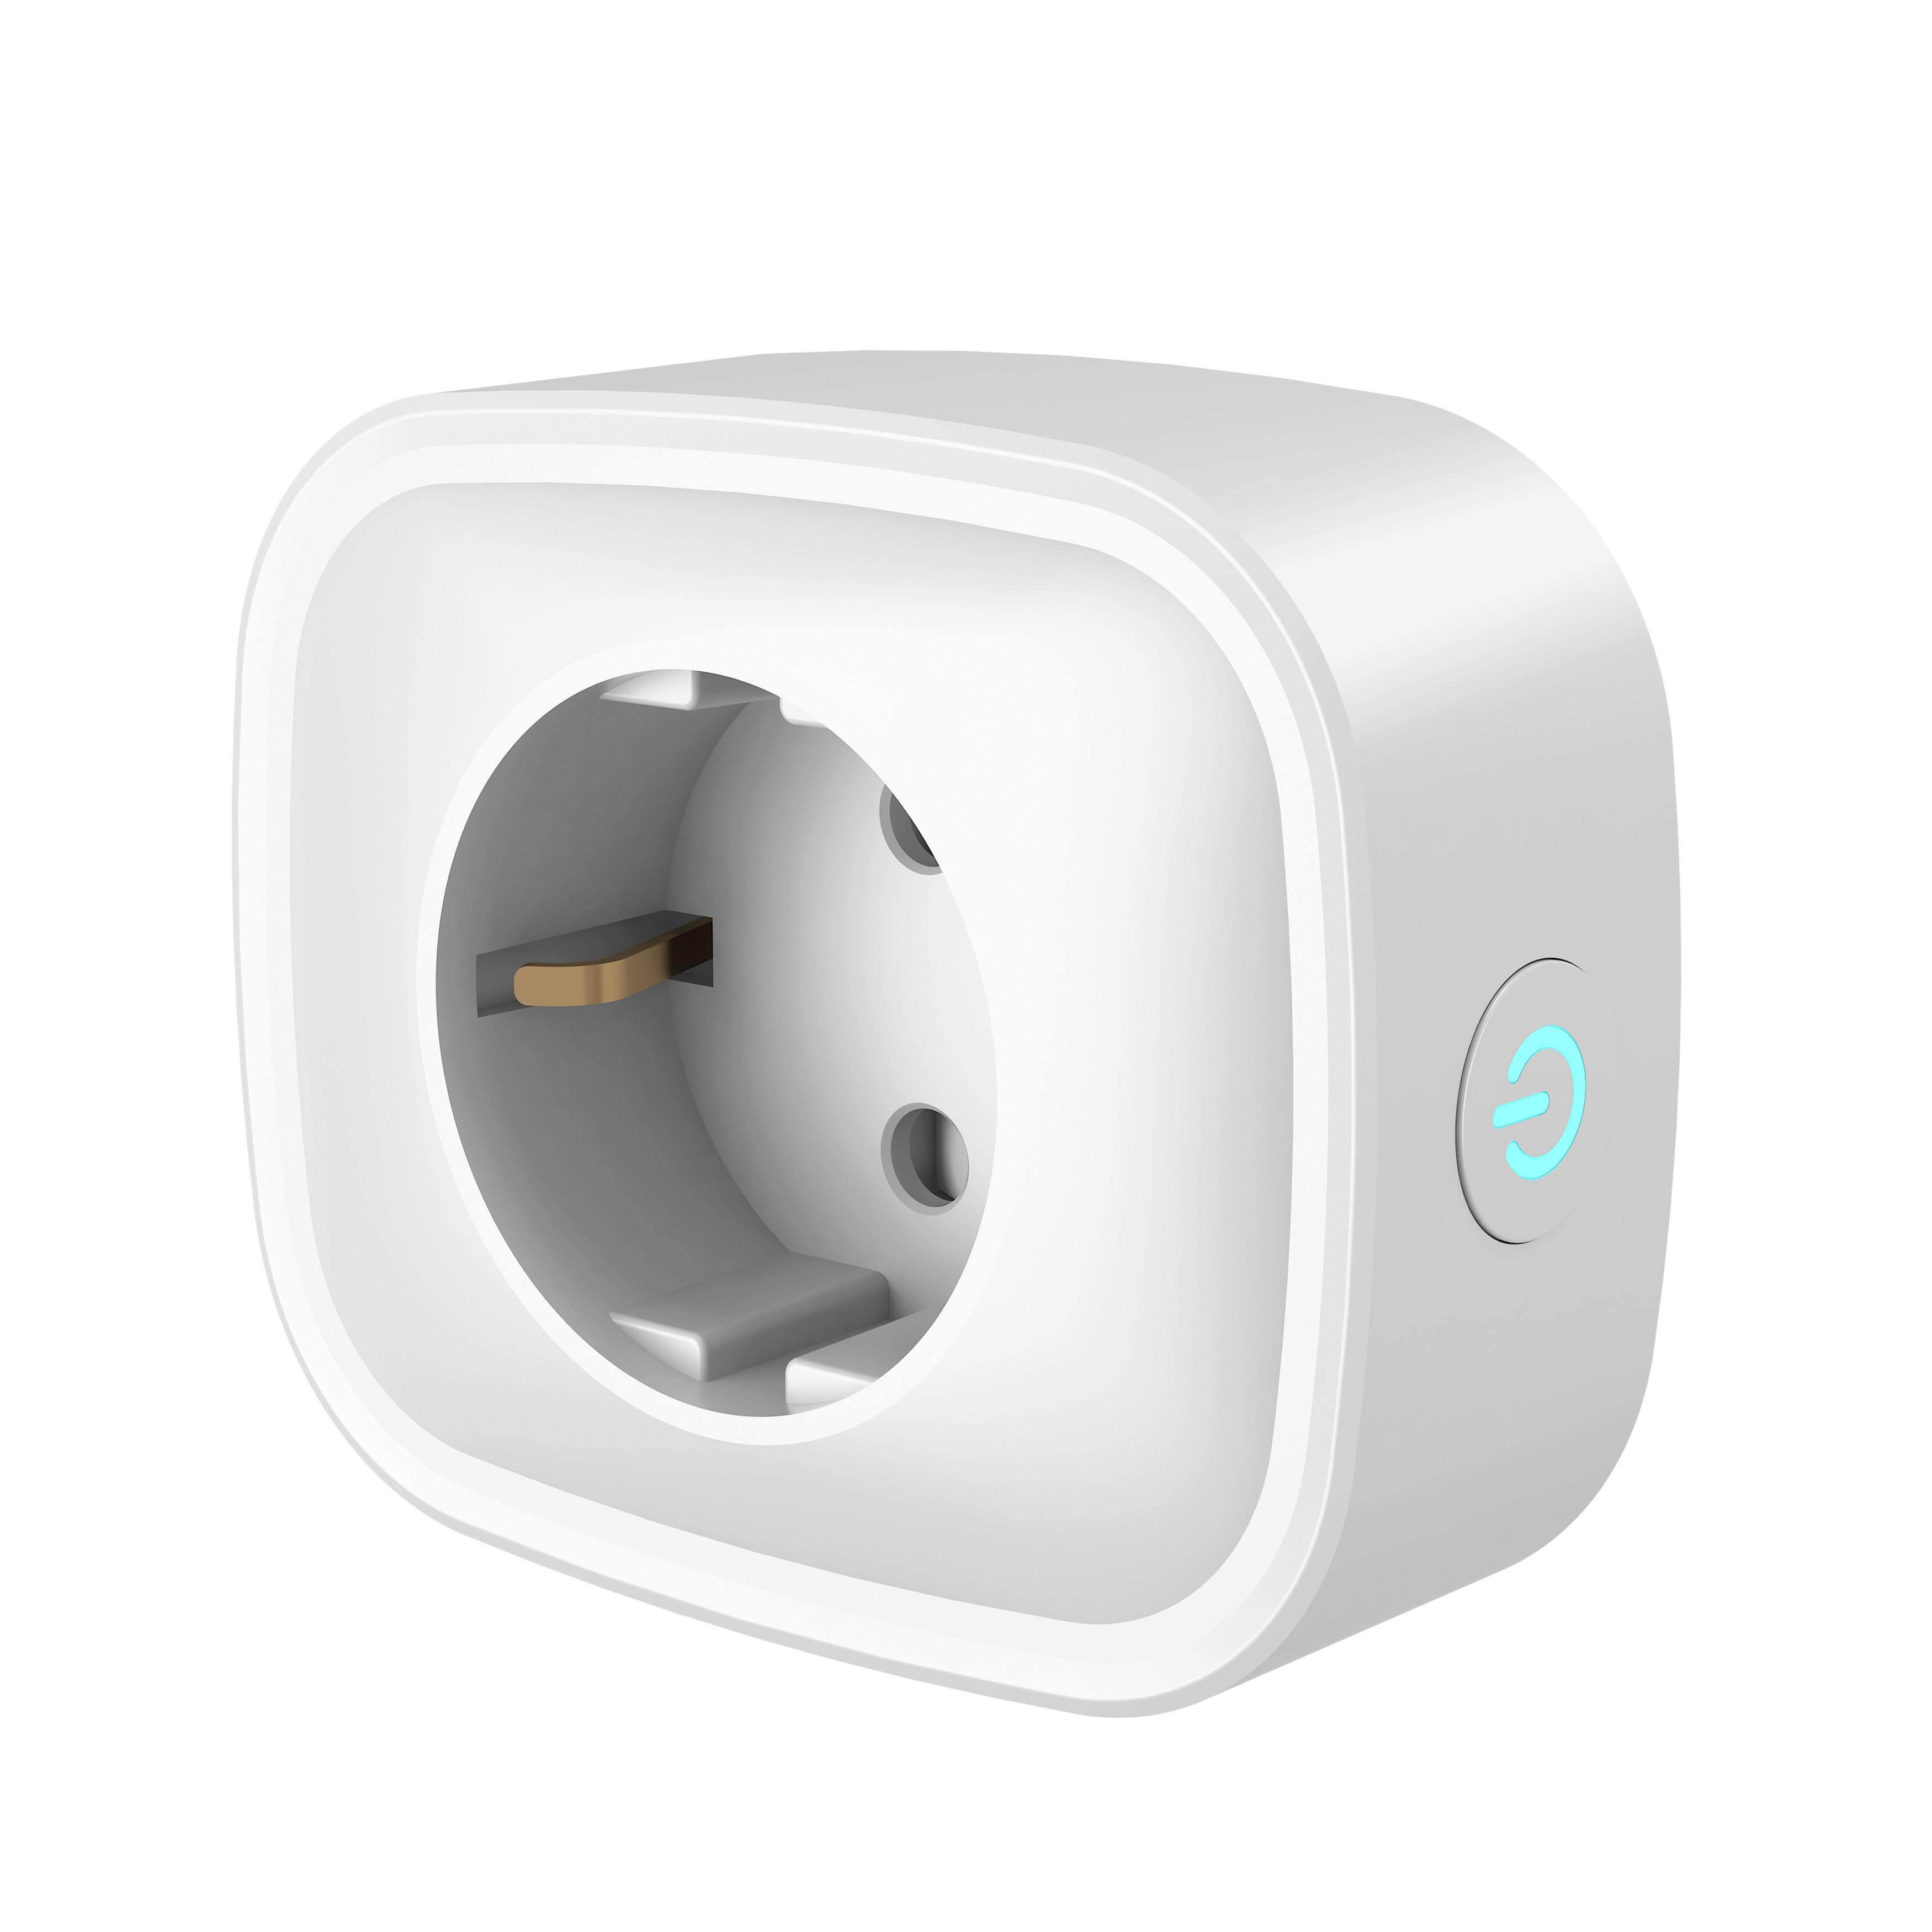 Gosund умная розетка электрическая wifi розетка 4 шт Упаковка enchufe inteligente испанская станция - 4